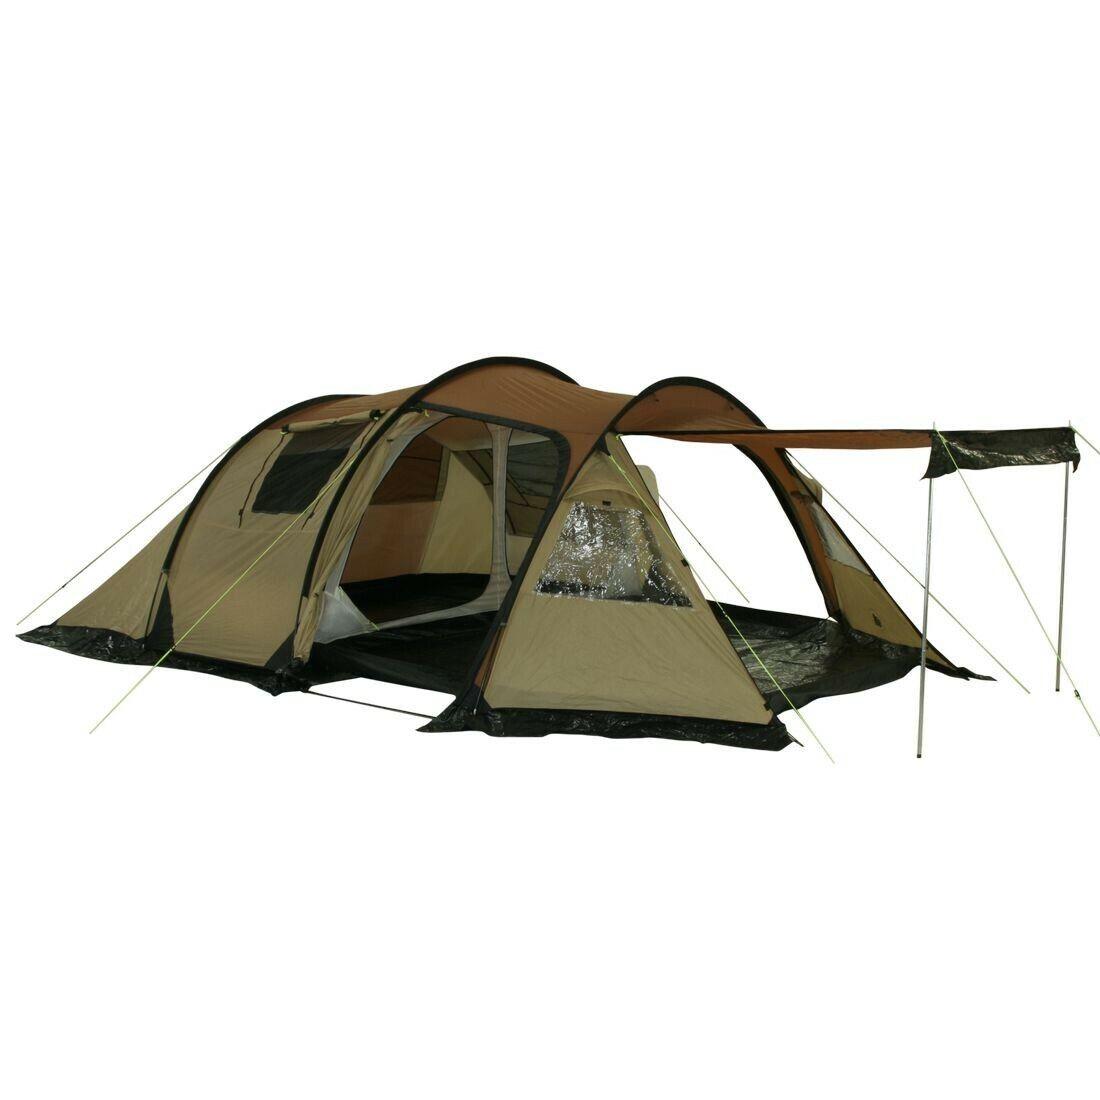 Felton Tente tunnel 4 personnes Tente trekking extérieure 5000mm